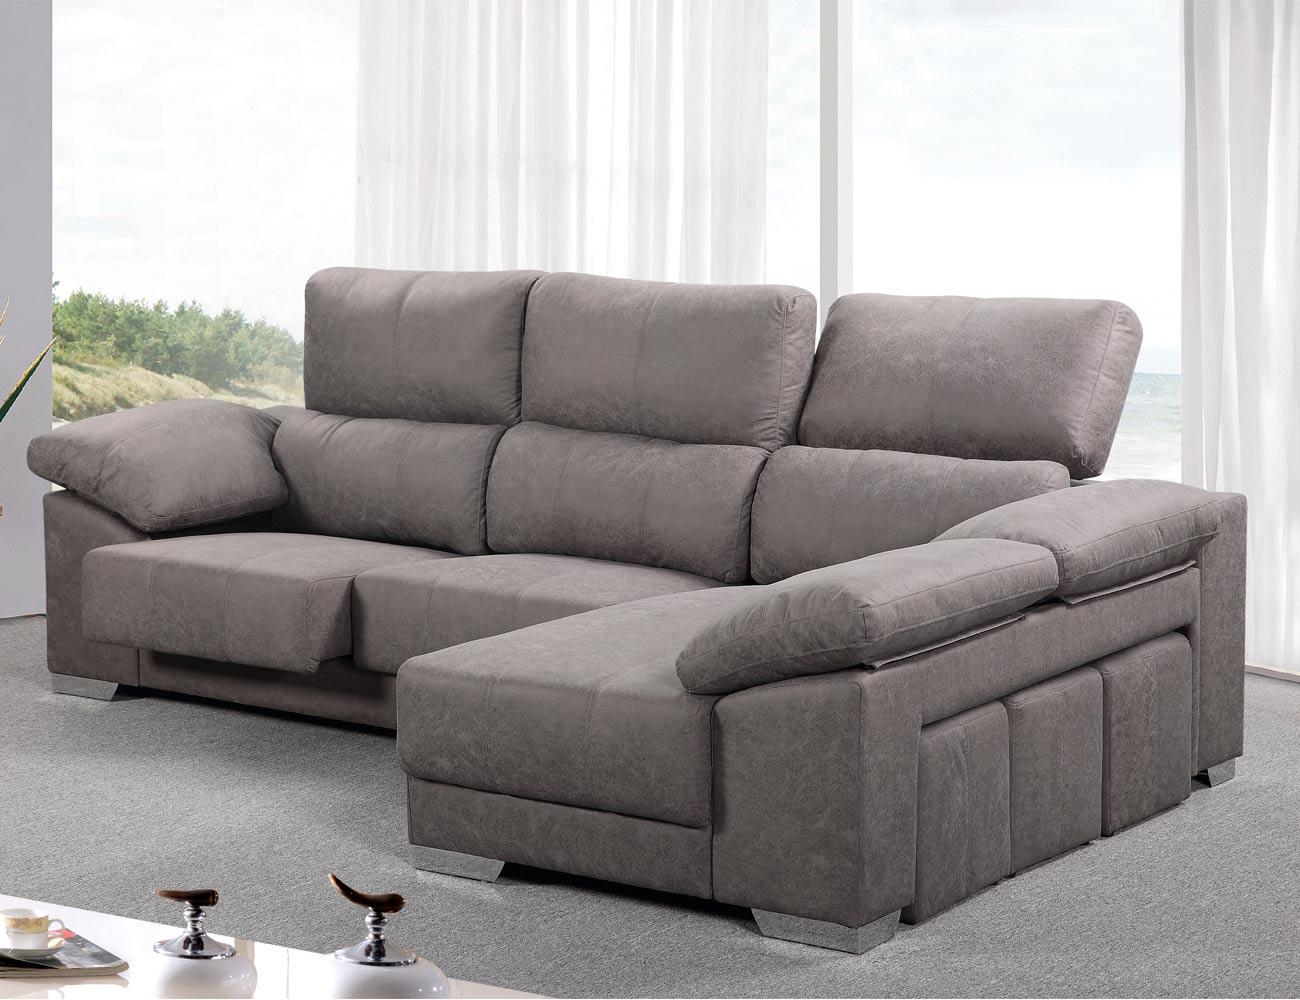 Sof chaiselongue reversible con asientos extra bles y cabezales reclinables en tela jade - Cabezales de tela ...